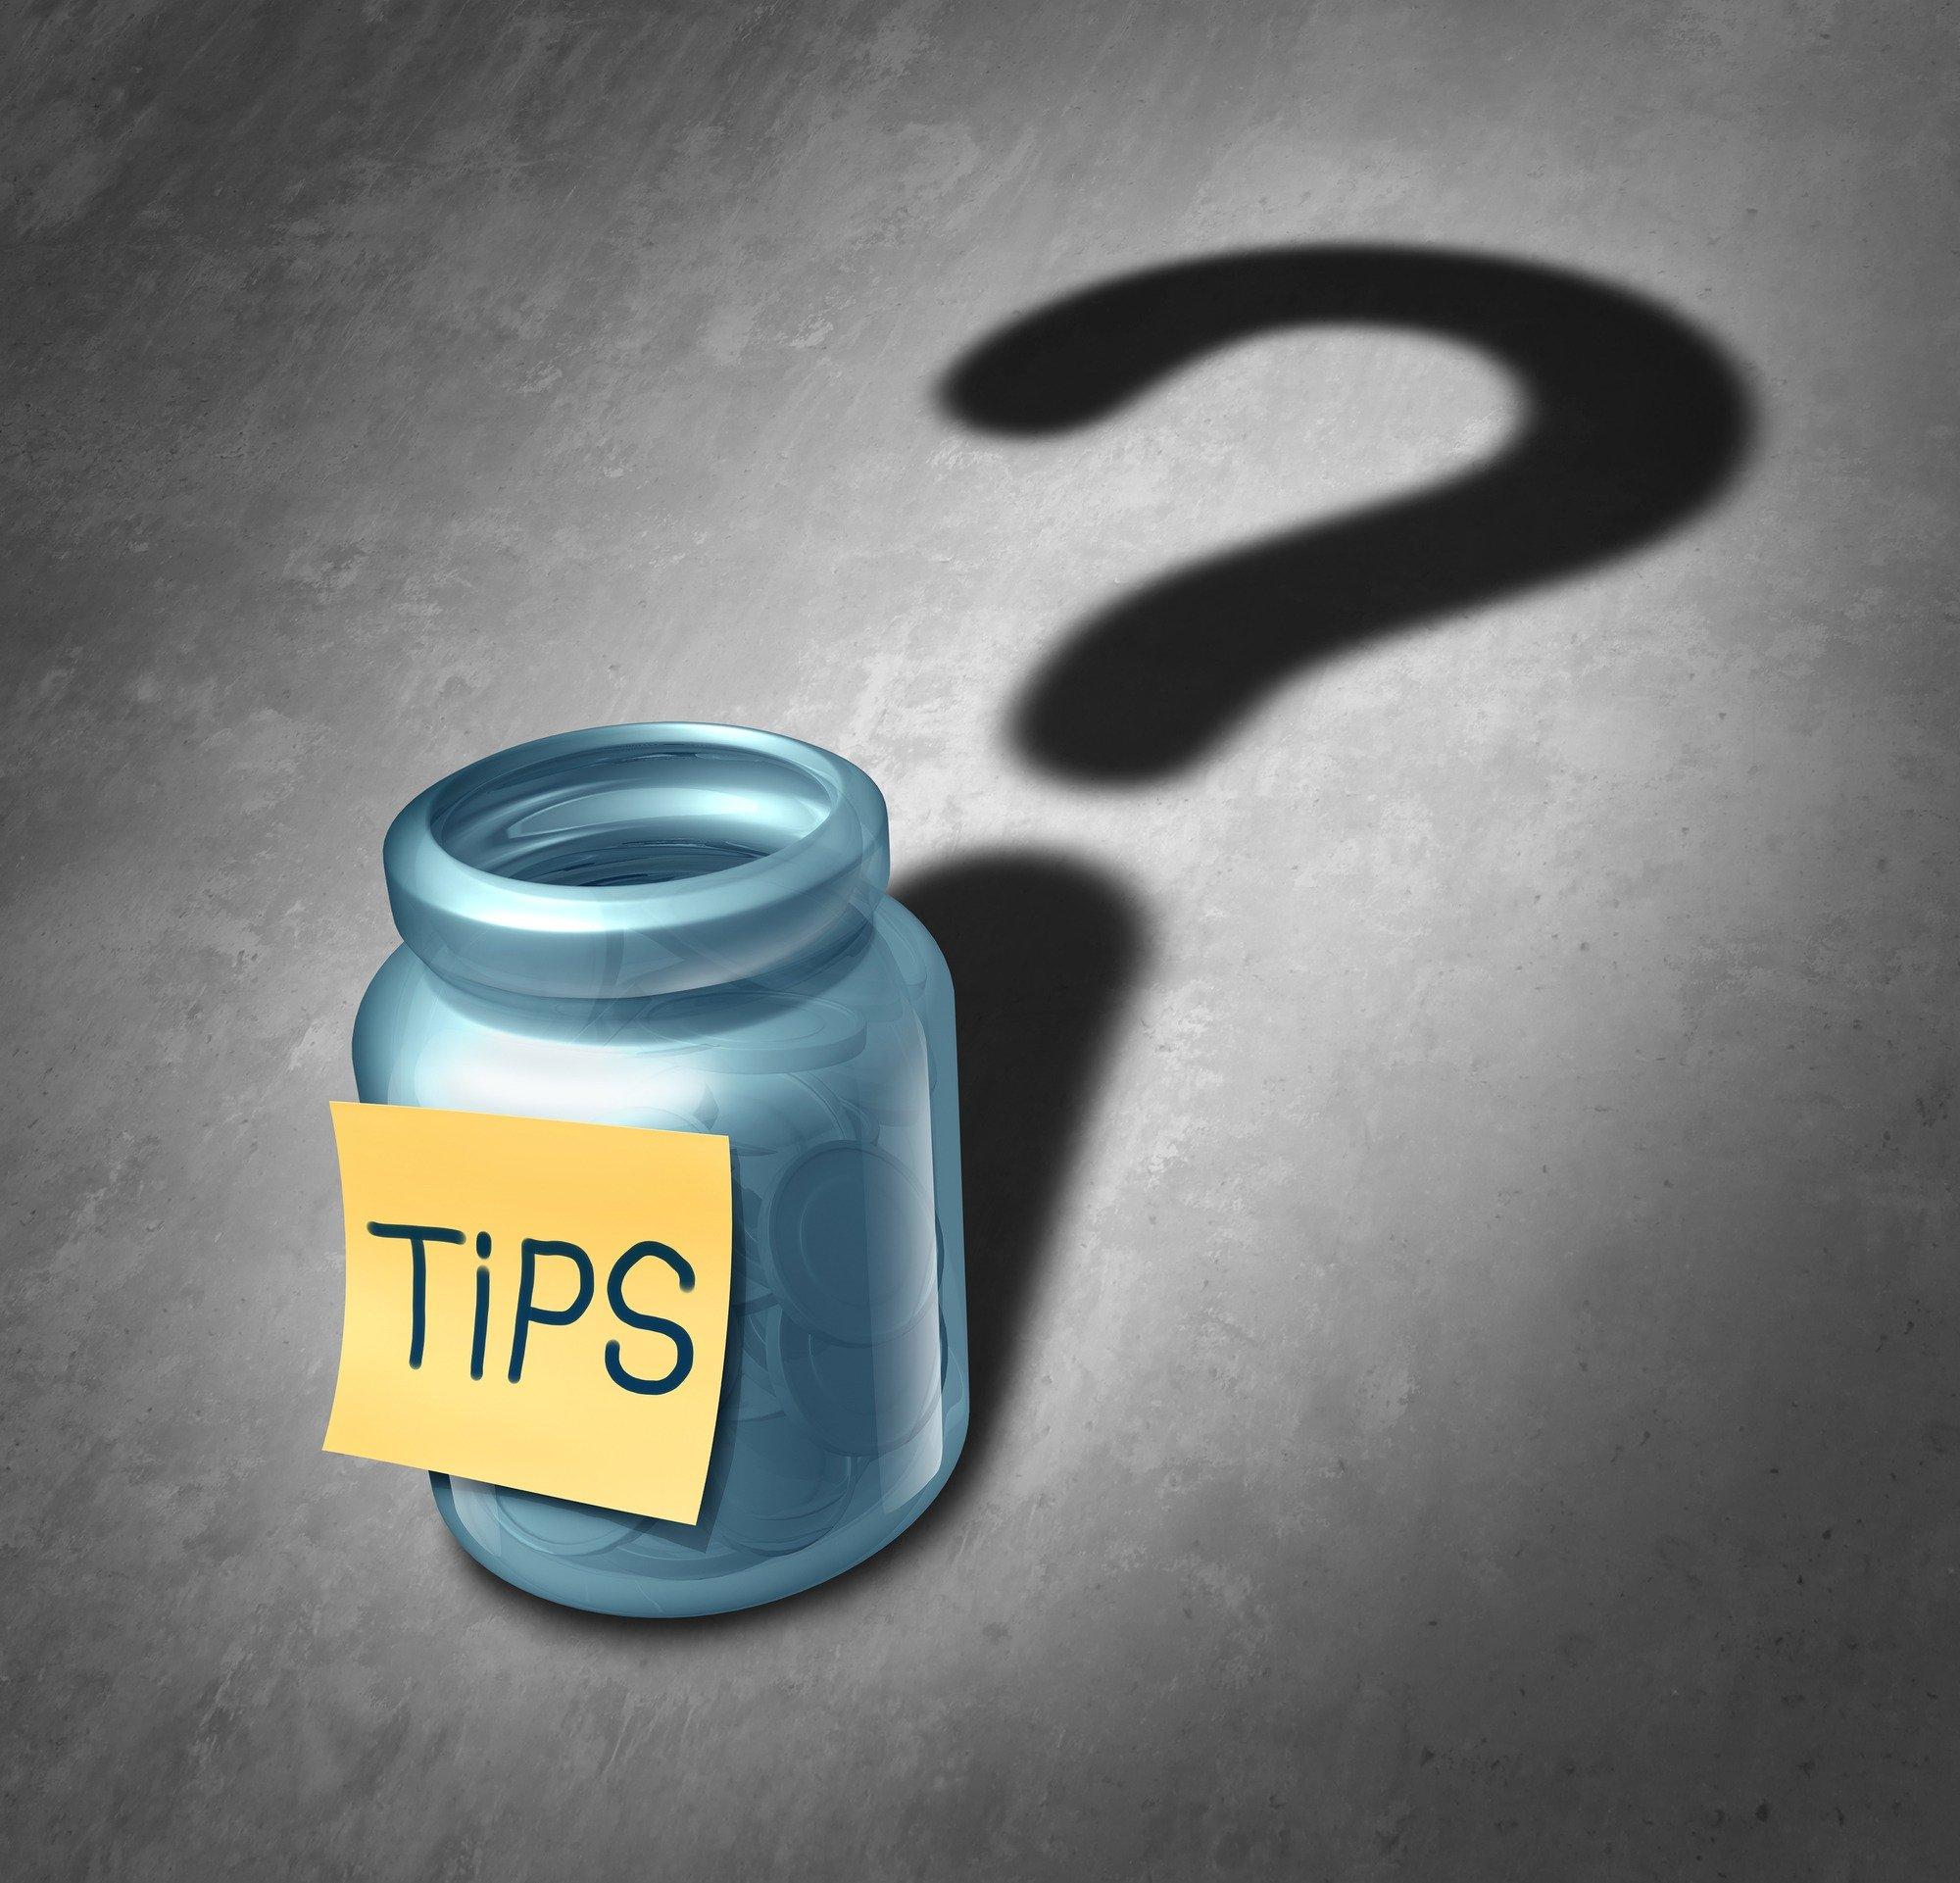 Should I Tip My RMT?